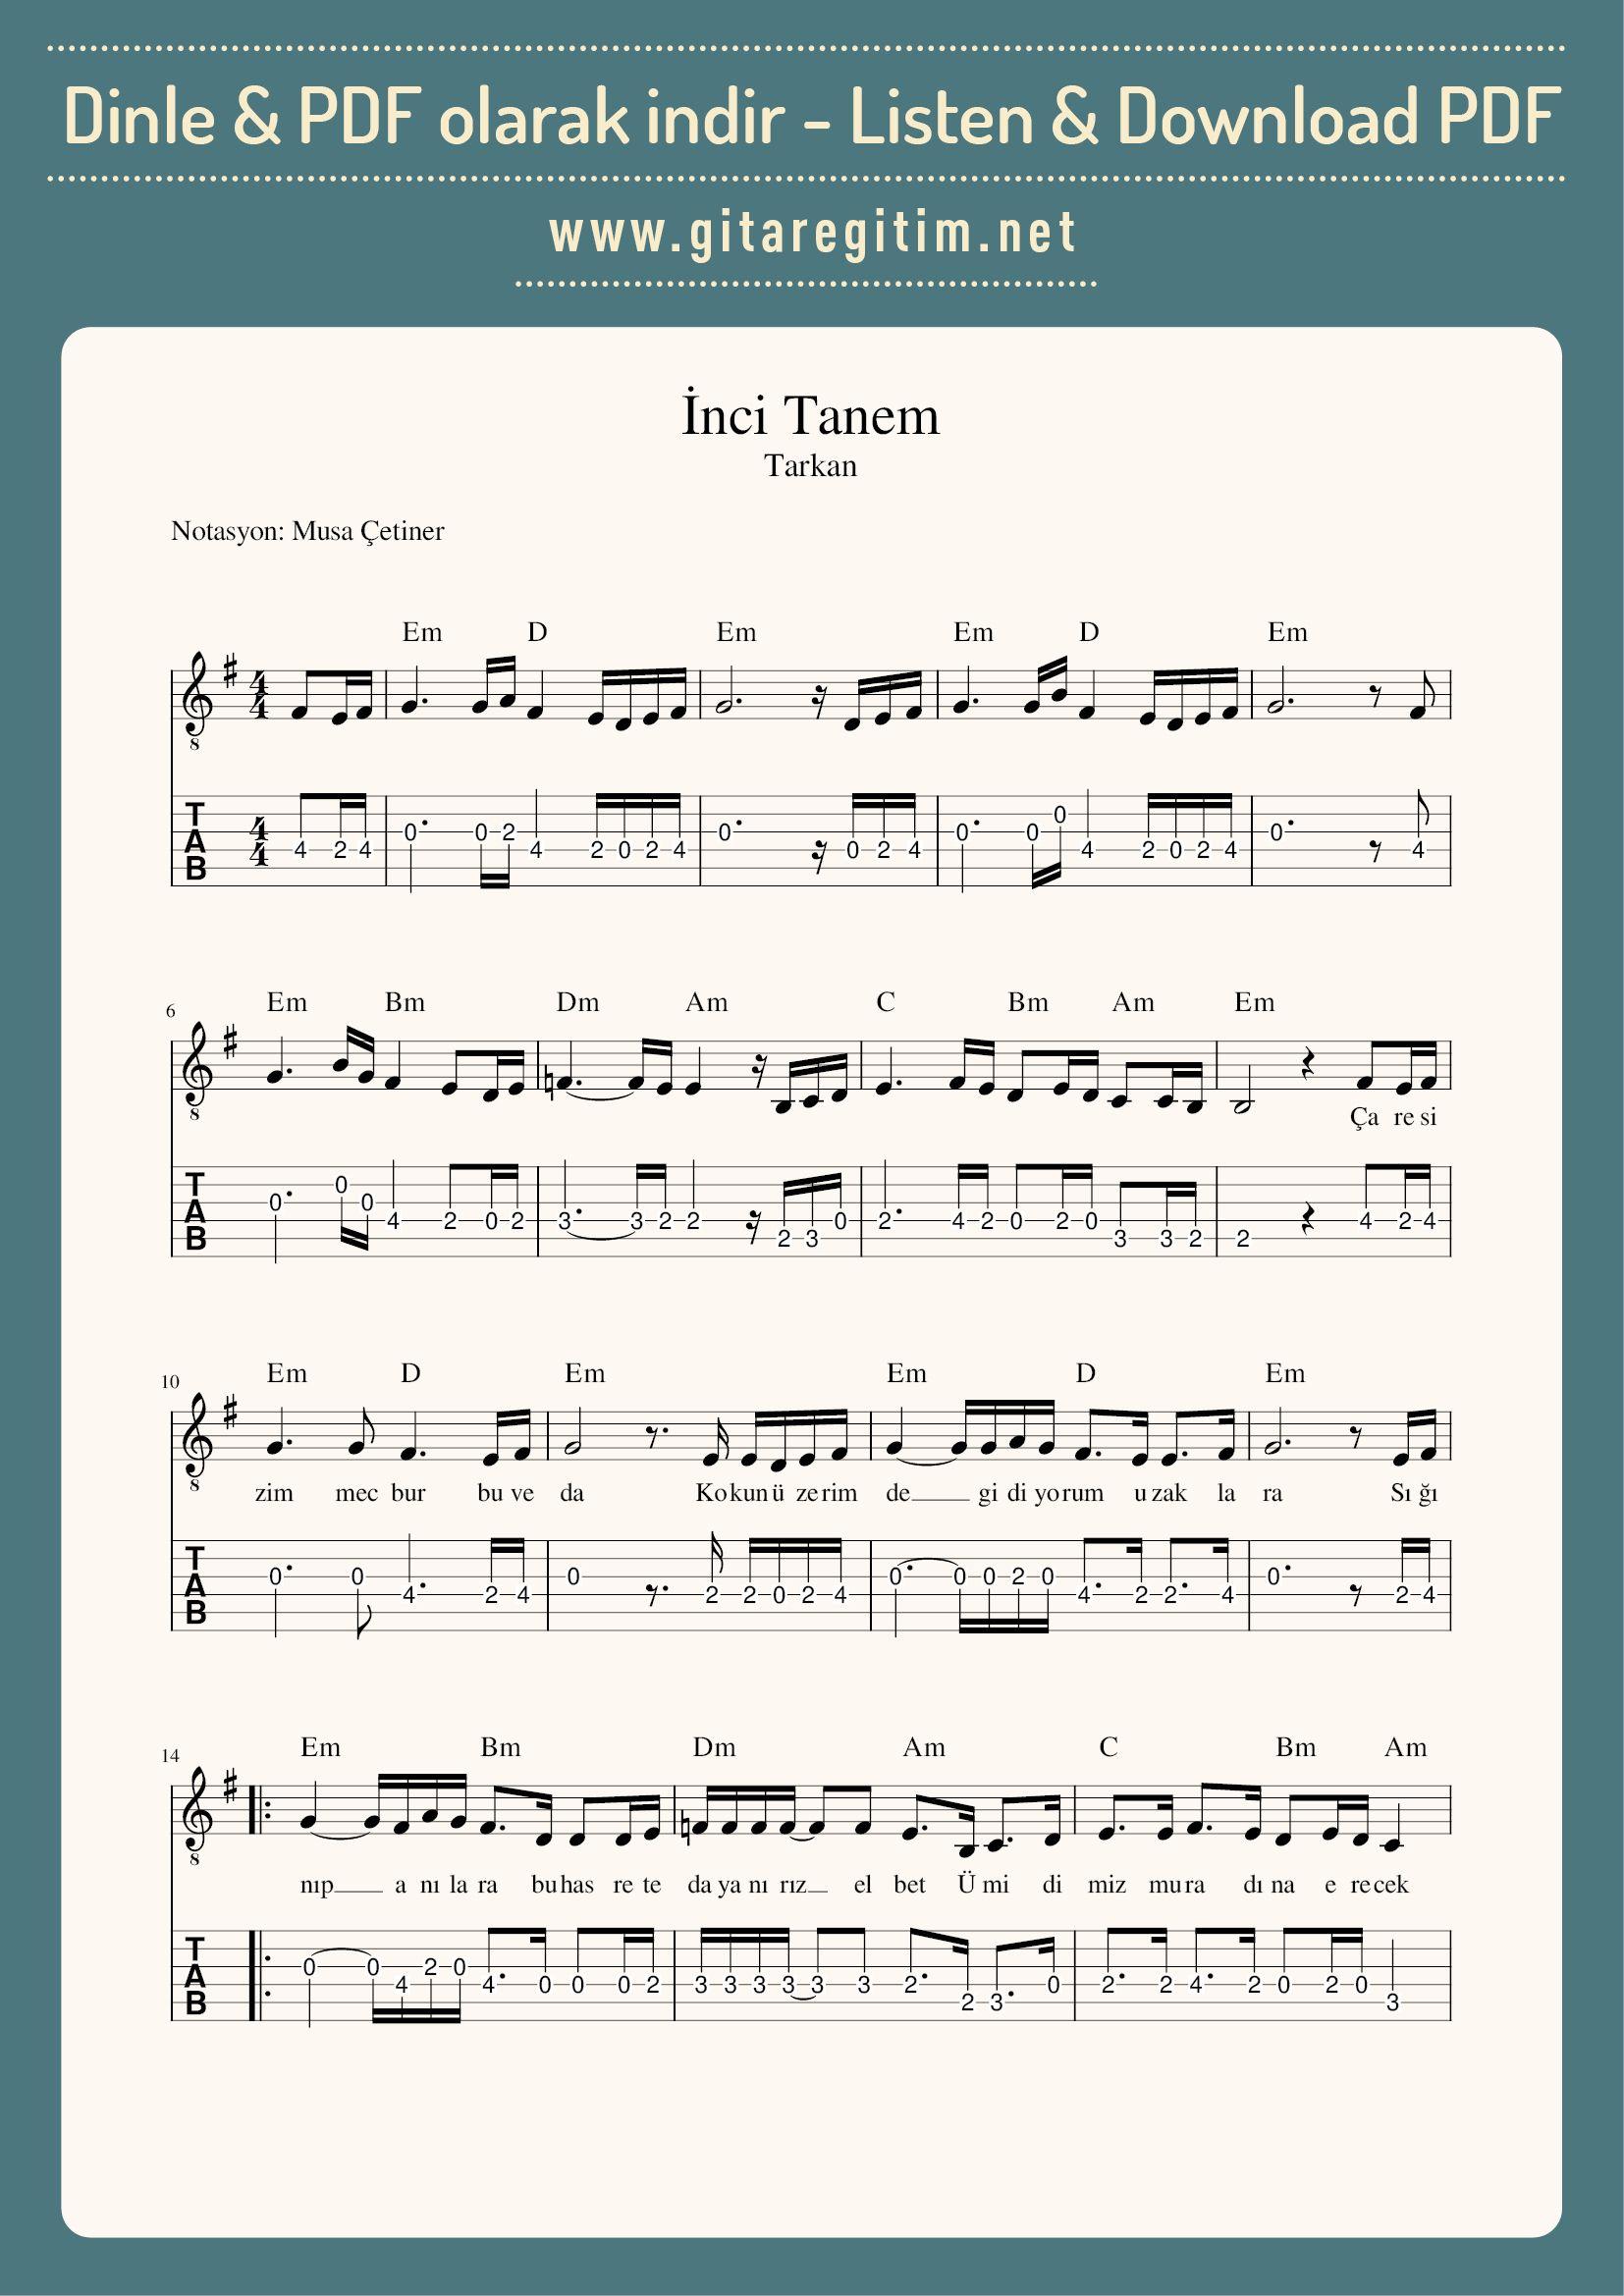 Inci Tanem Nota Tab Gitaregitim Net Notalara Dokulmus Muzik Muzik Notalari Muzik Egitimi